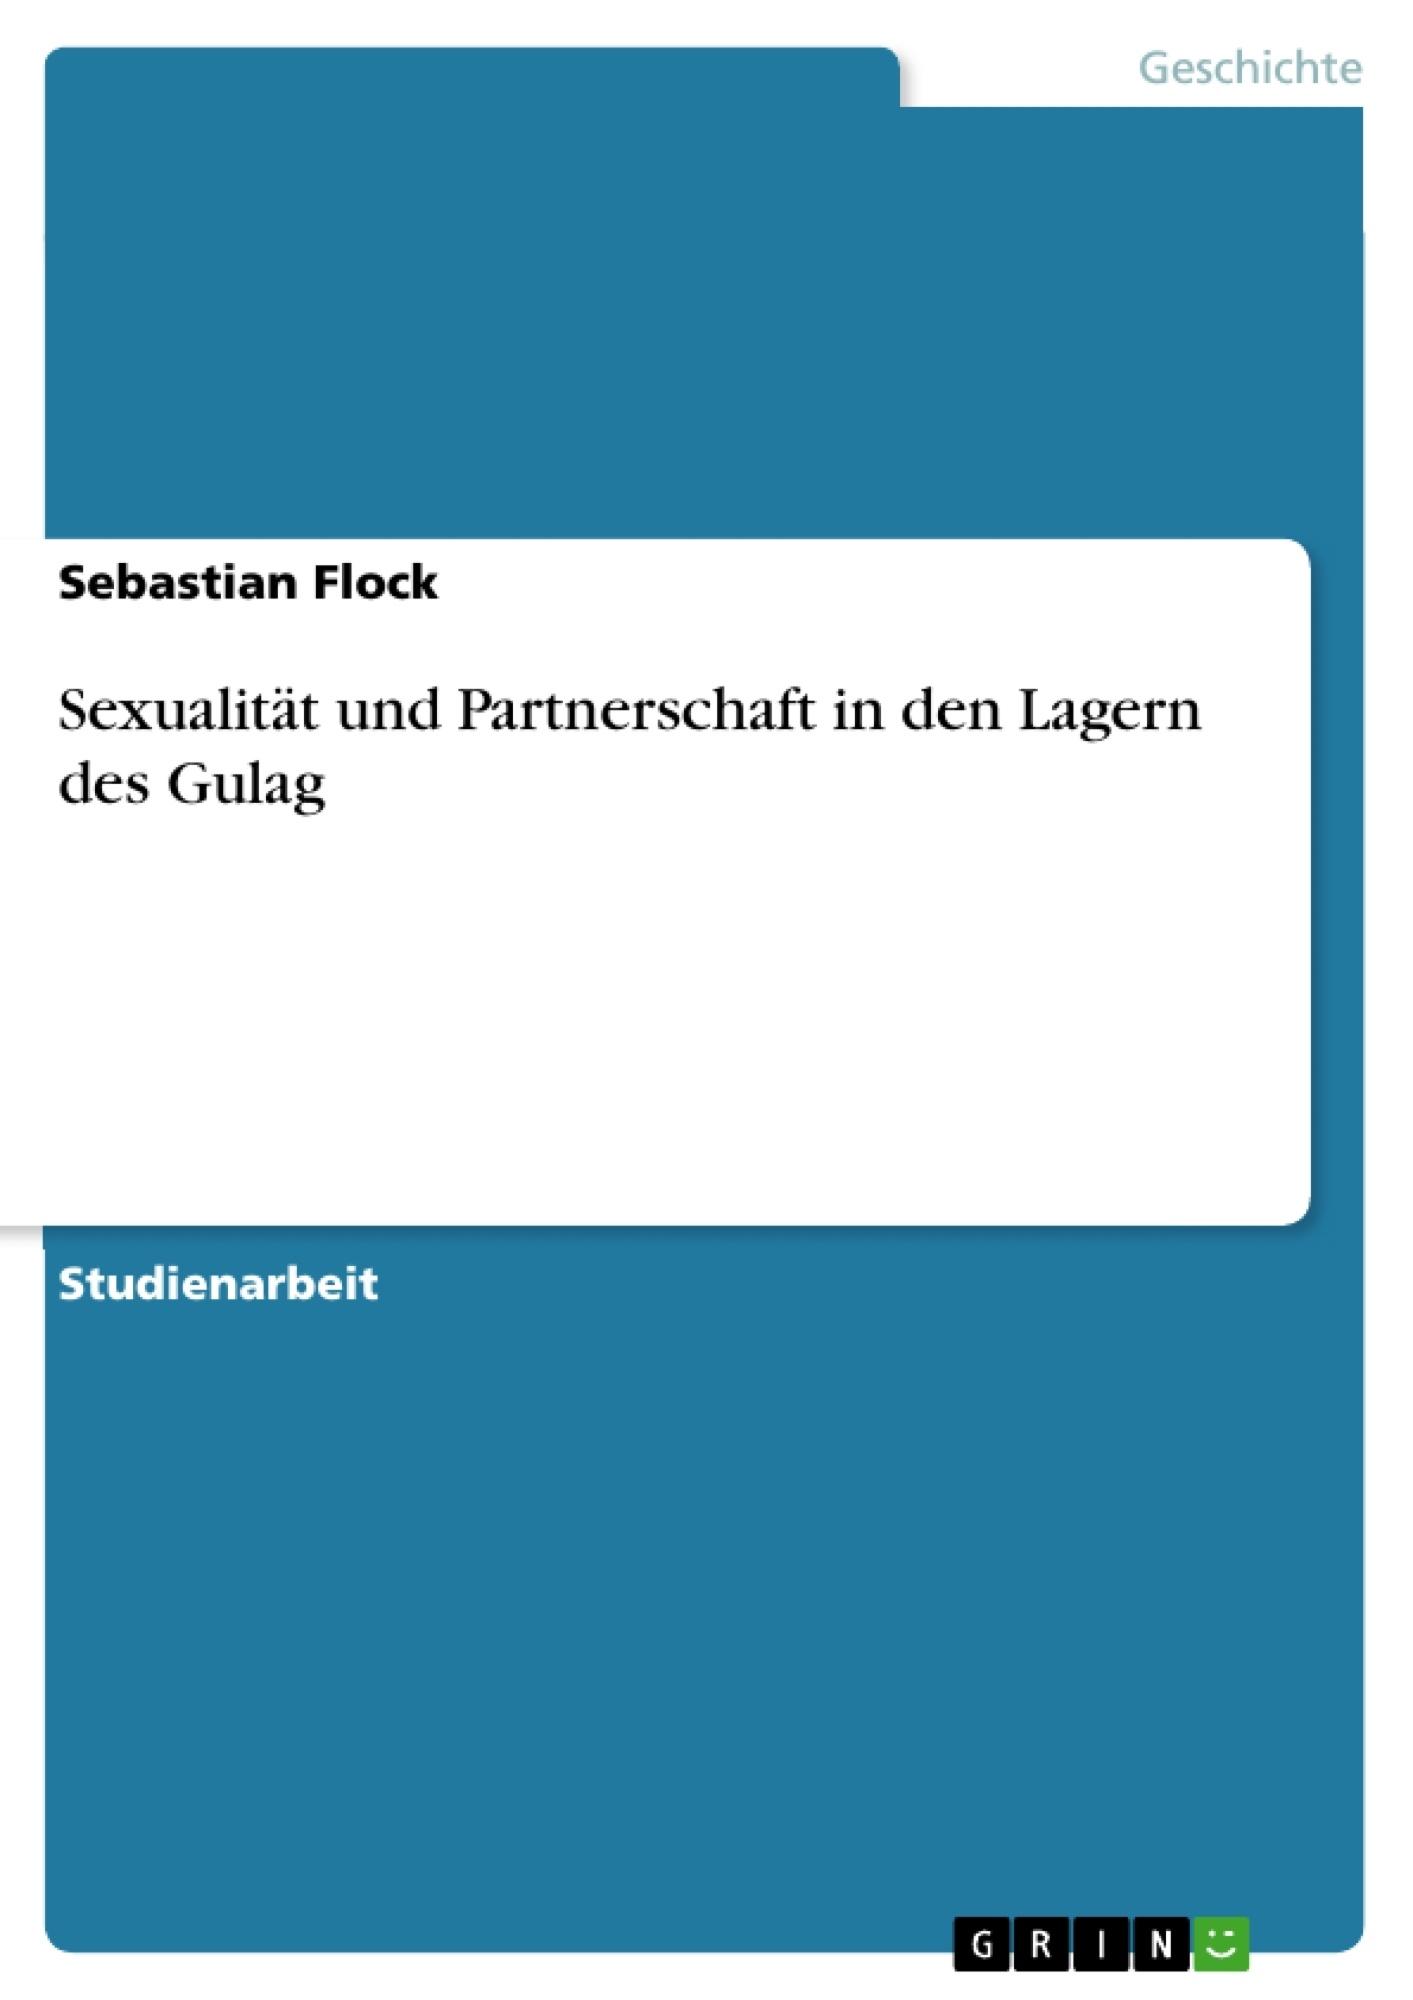 Titel: Sexualität und Partnerschaft in den Lagern des Gulag